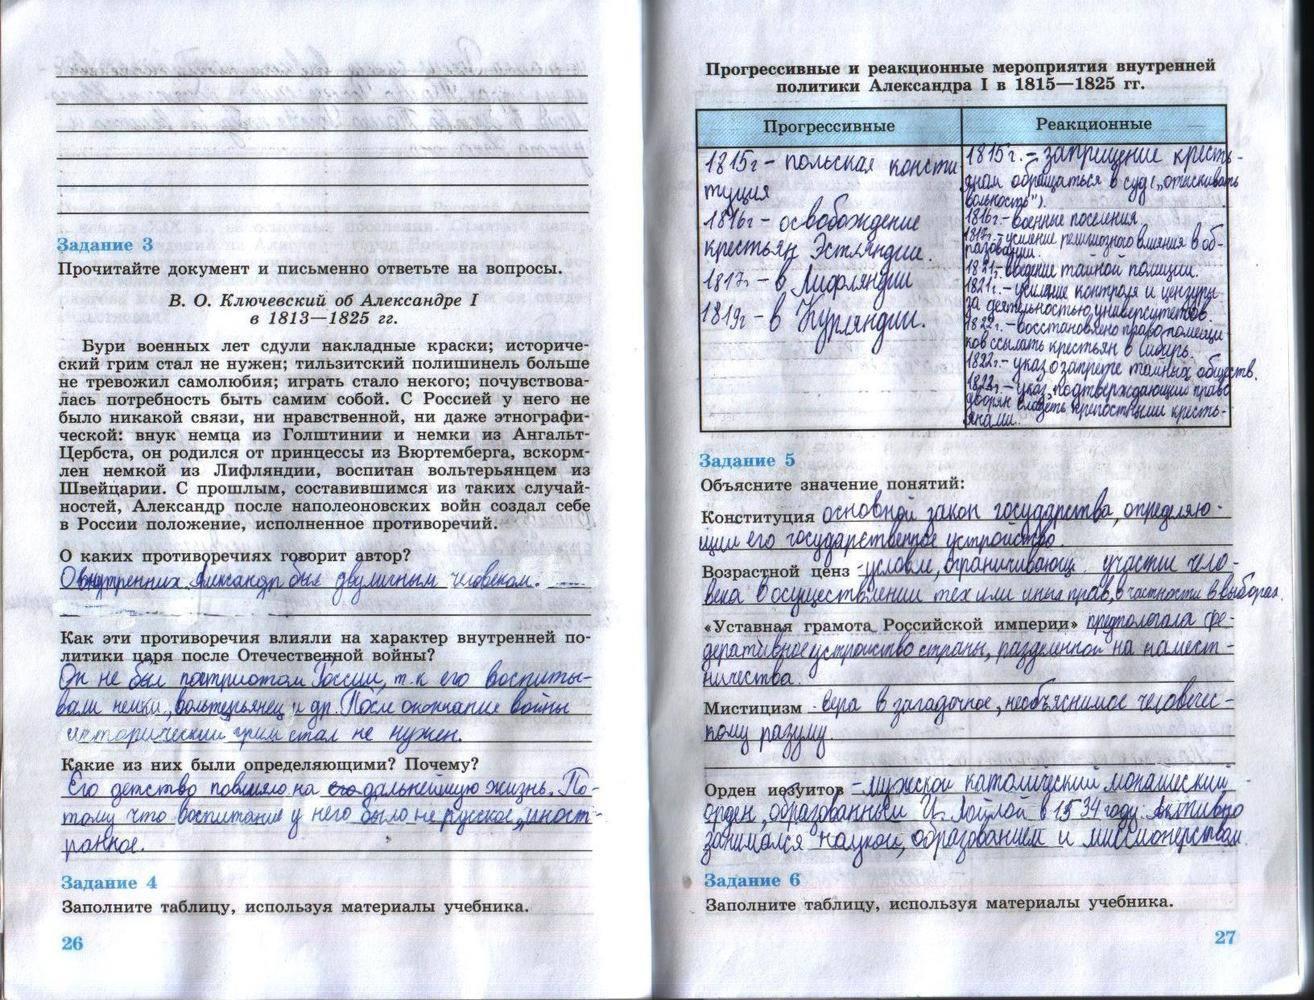 решебник по истории россии данилов косулина